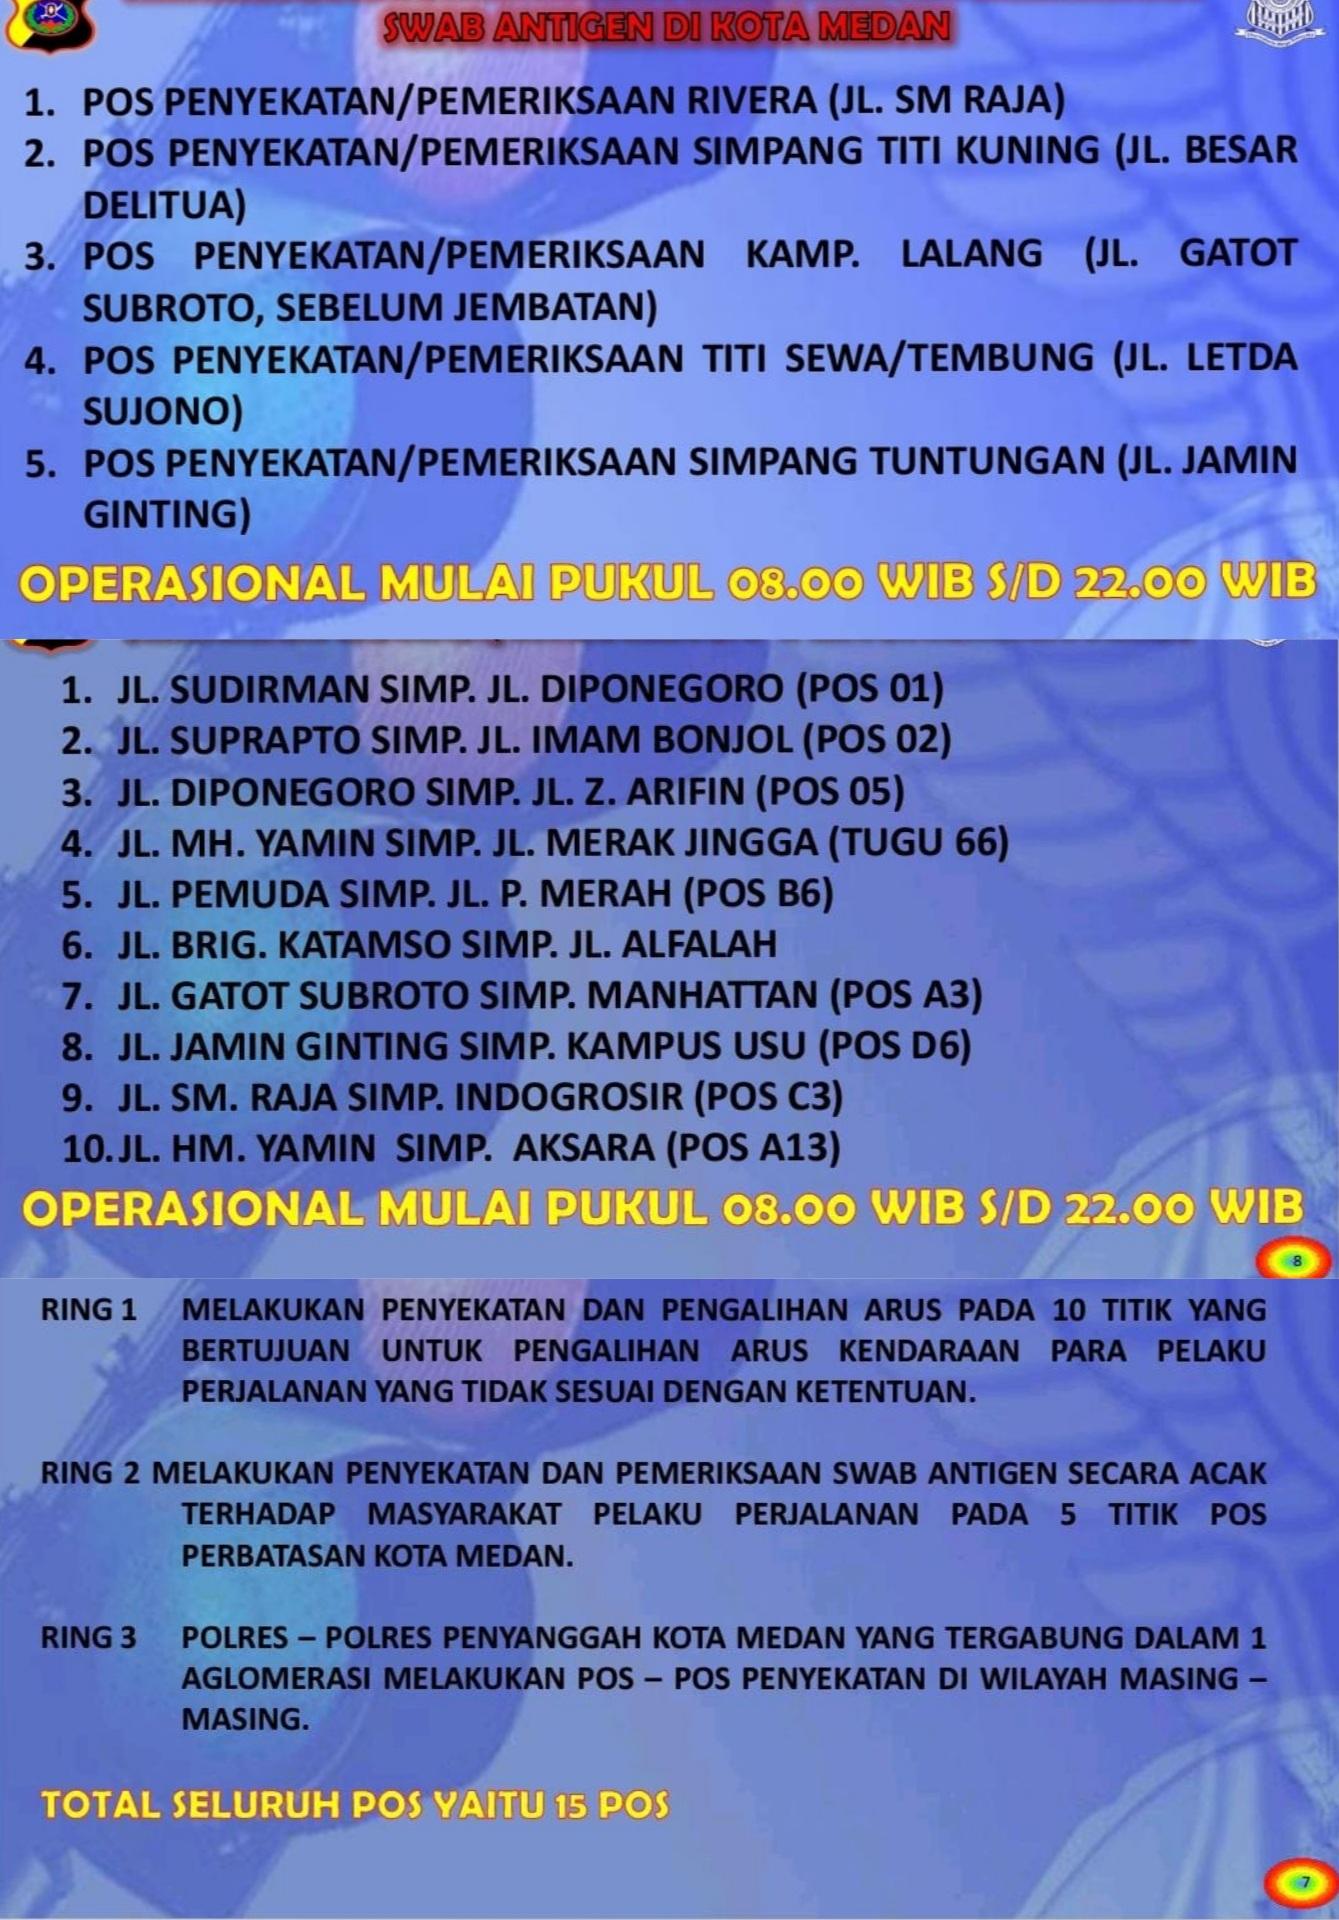 Pemerintah Kota Medan memberlakukan PPKM darurat mulai hari ini